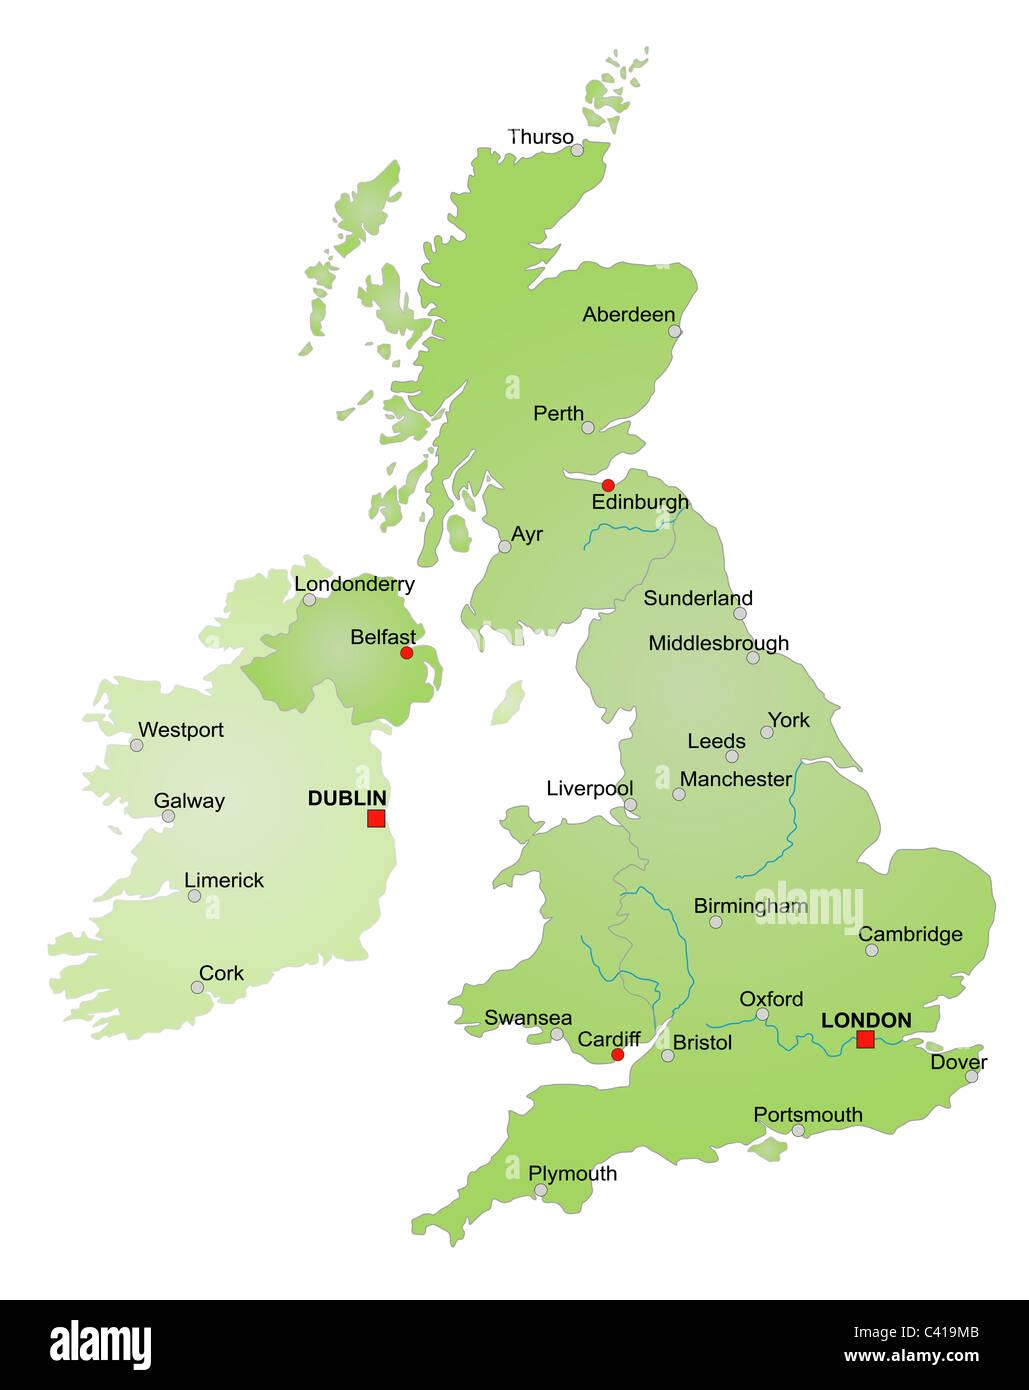 Cartina Geografica Inghilterra E Scozia.Mappa Stilizzata Del Regno Unito Mostra Inghilterra Galles Scozia E Irlanda Del Nord E Irlanda Tutto Su Sfondo Bianco Foto Stock Alamy